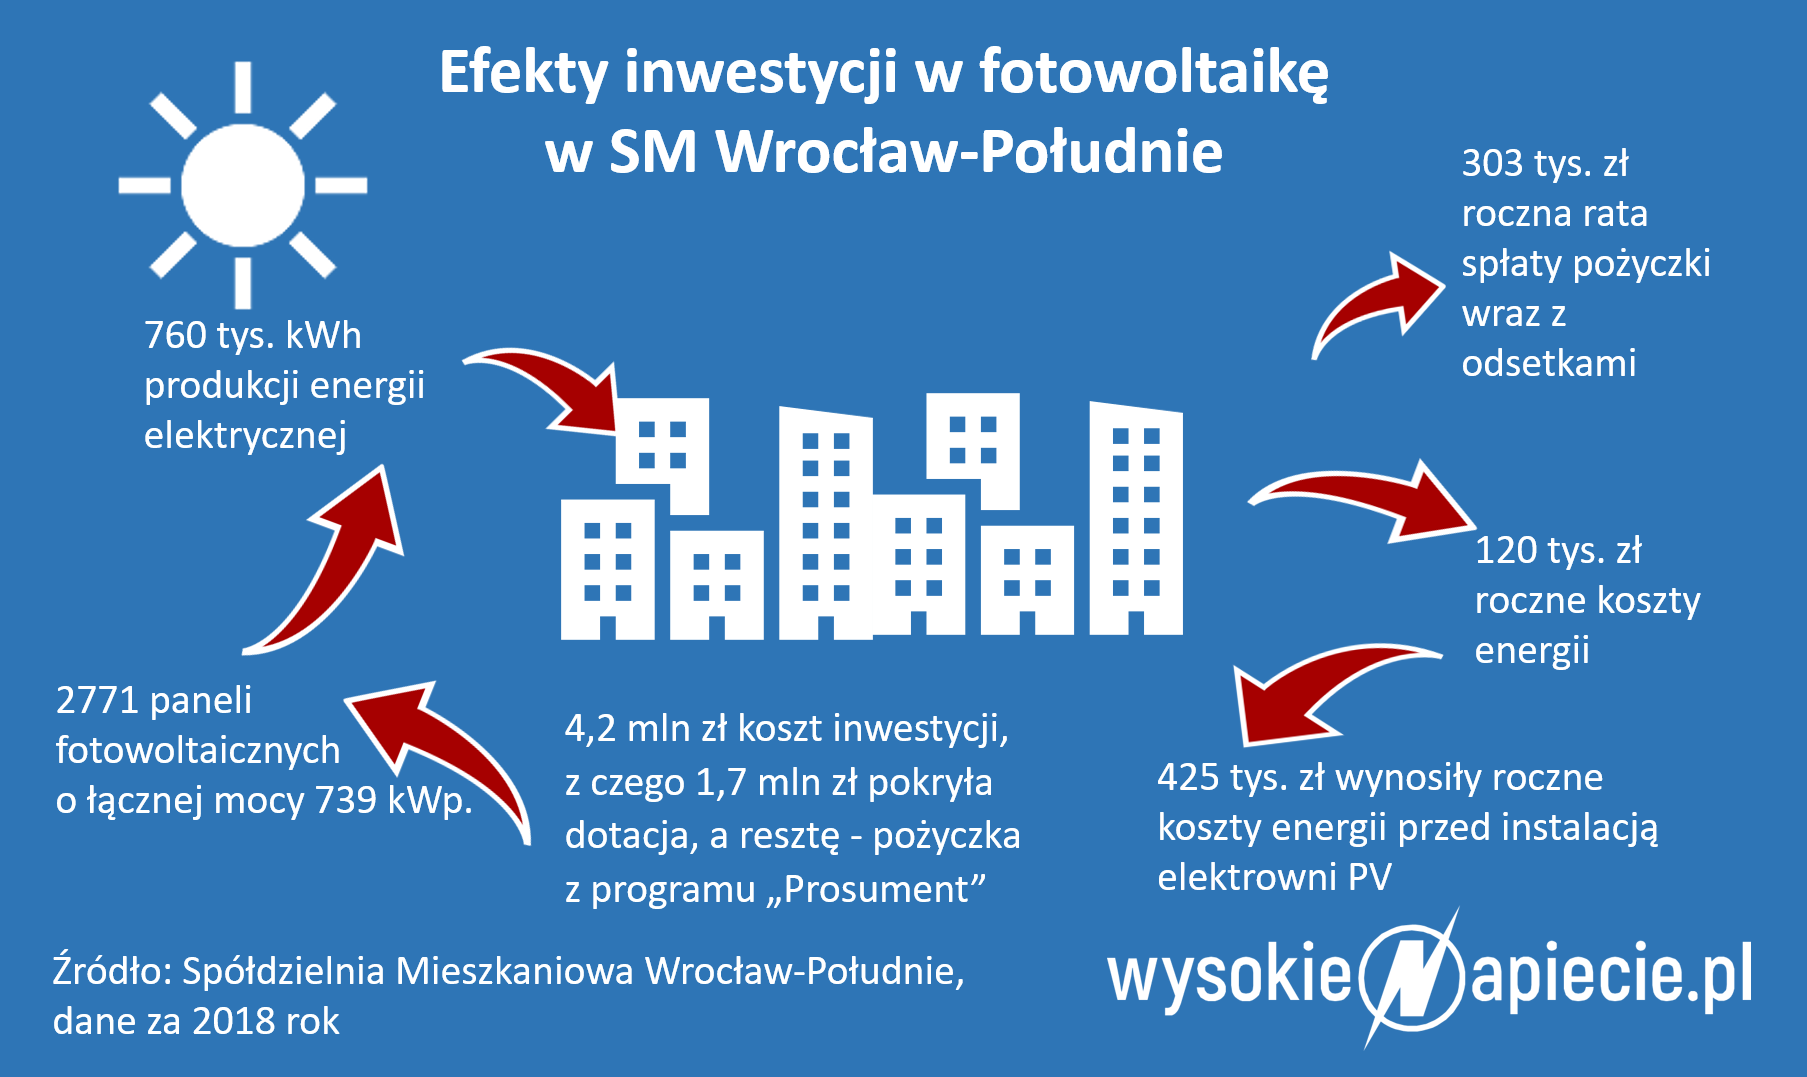 PV, Spoldzielnia Wroclaw Poludnie